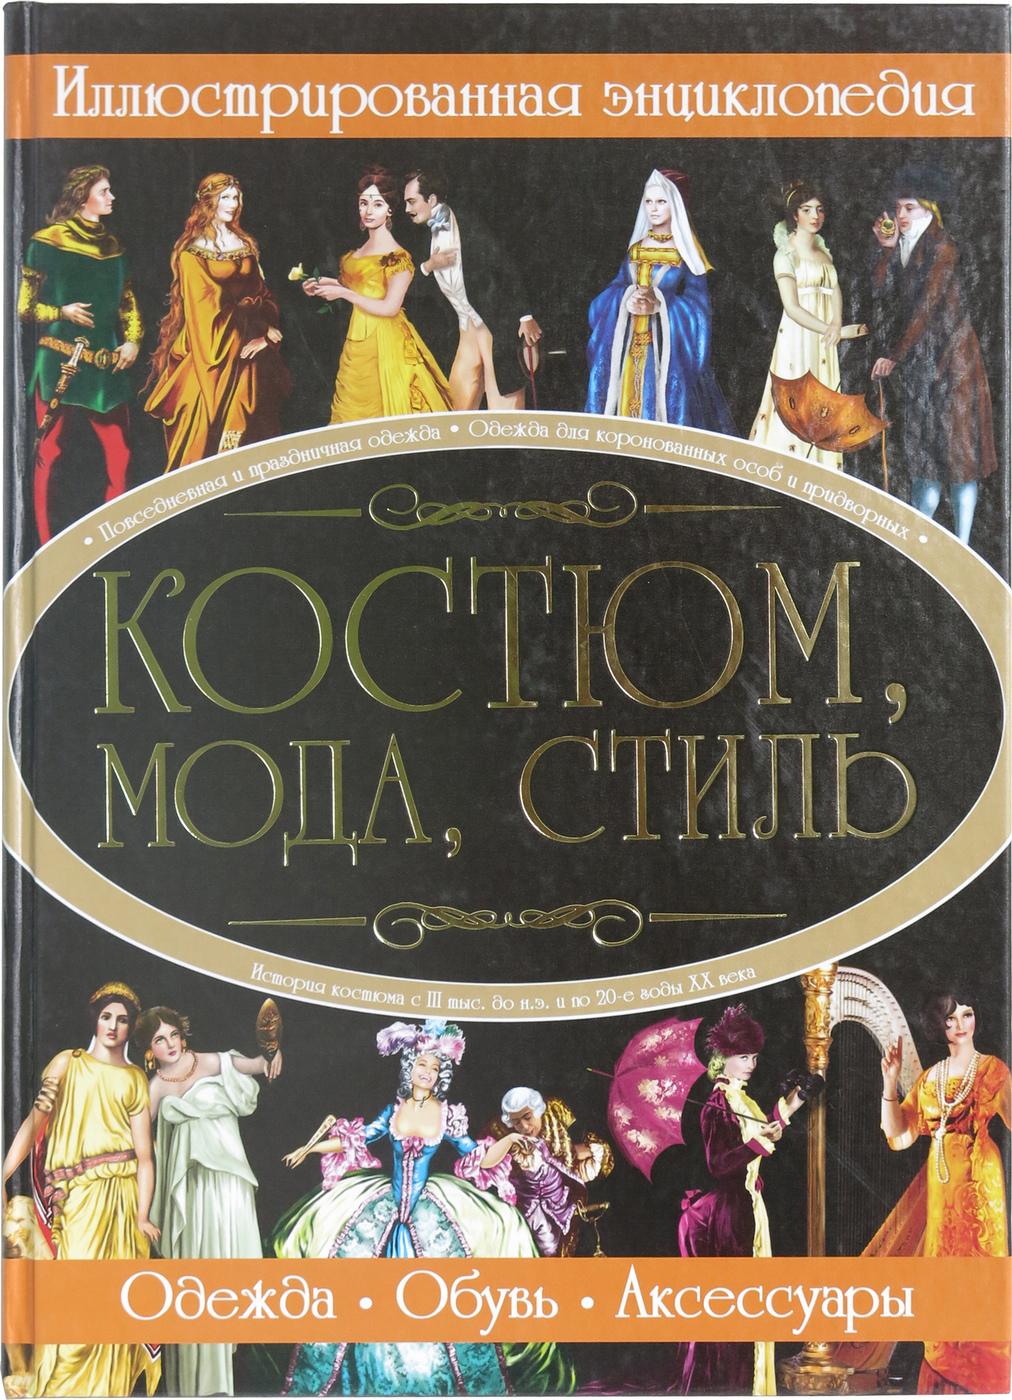 Блохина И.В.. Костюм, мода, стиль